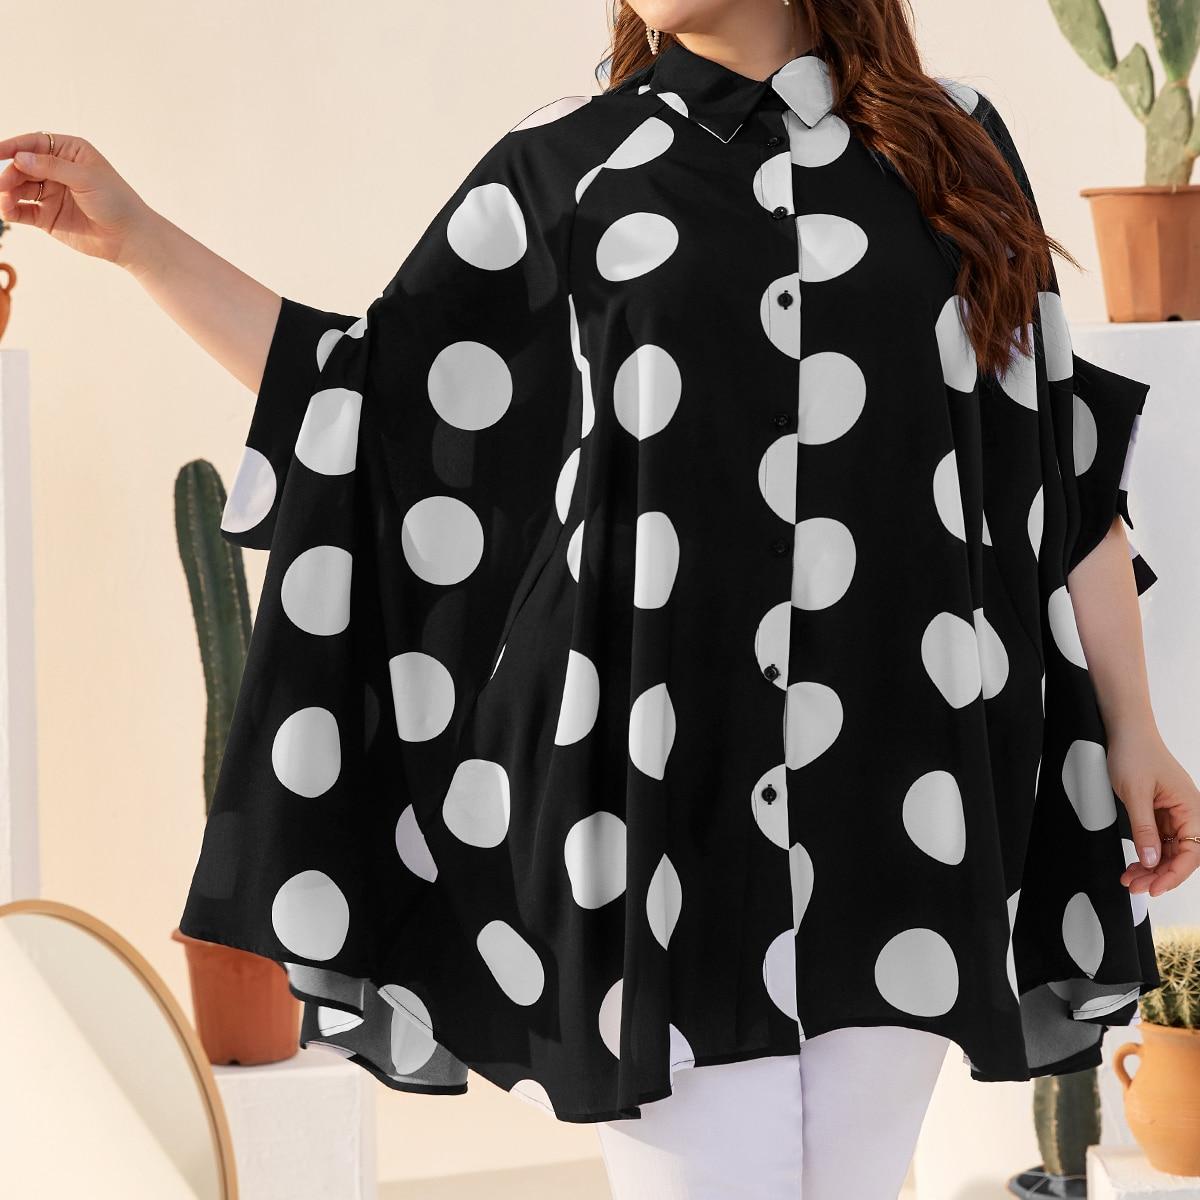 Рубашка в горошек с пуговицами размера плюс